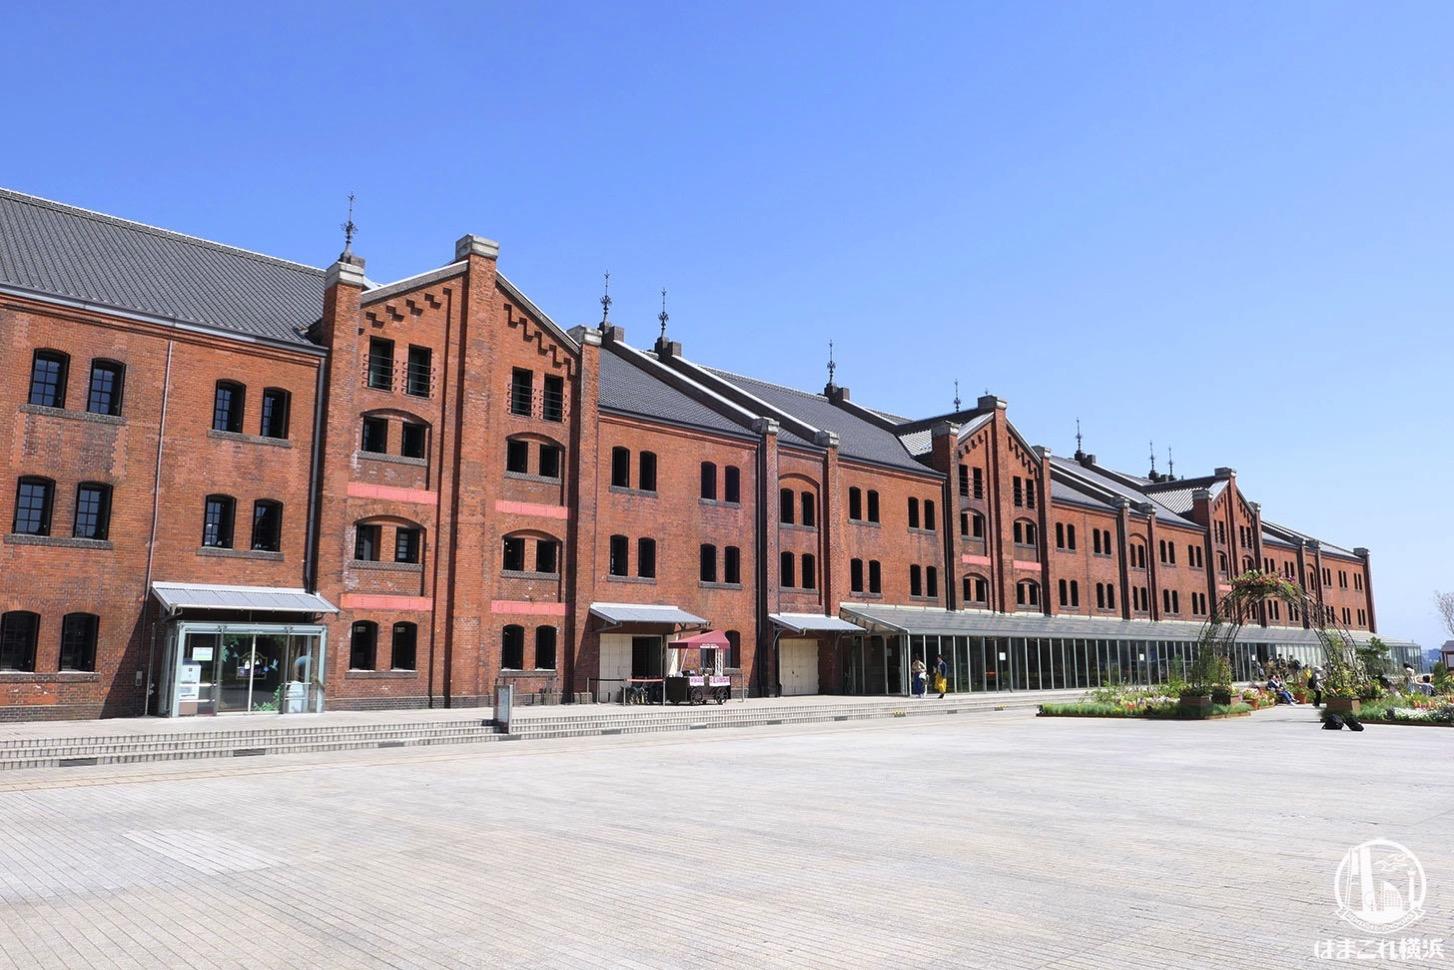 横浜赤レンガ倉庫は何がある?港の景色やグルメ、イベント満載の観光スポット